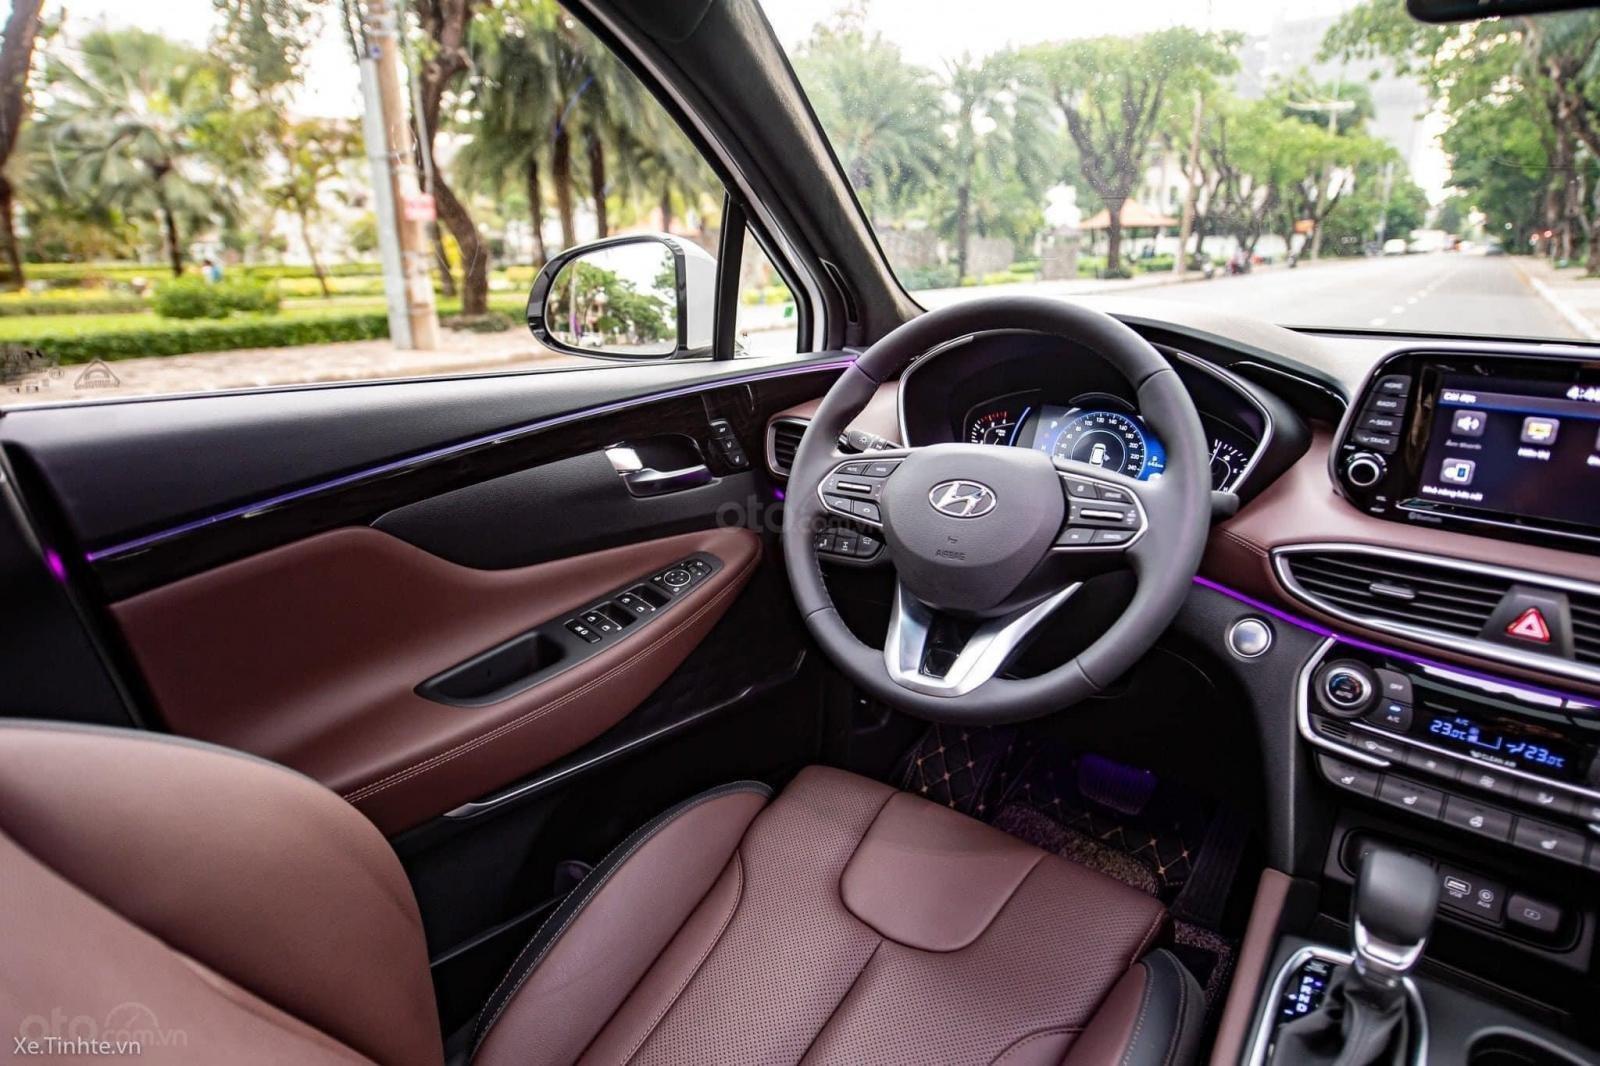 Hyundai Santafe ưu đãi ngay 70 triệu, 50% thuế, full bộ phụ kiện, xe đủ màu giao ngay chạy Tết (10)